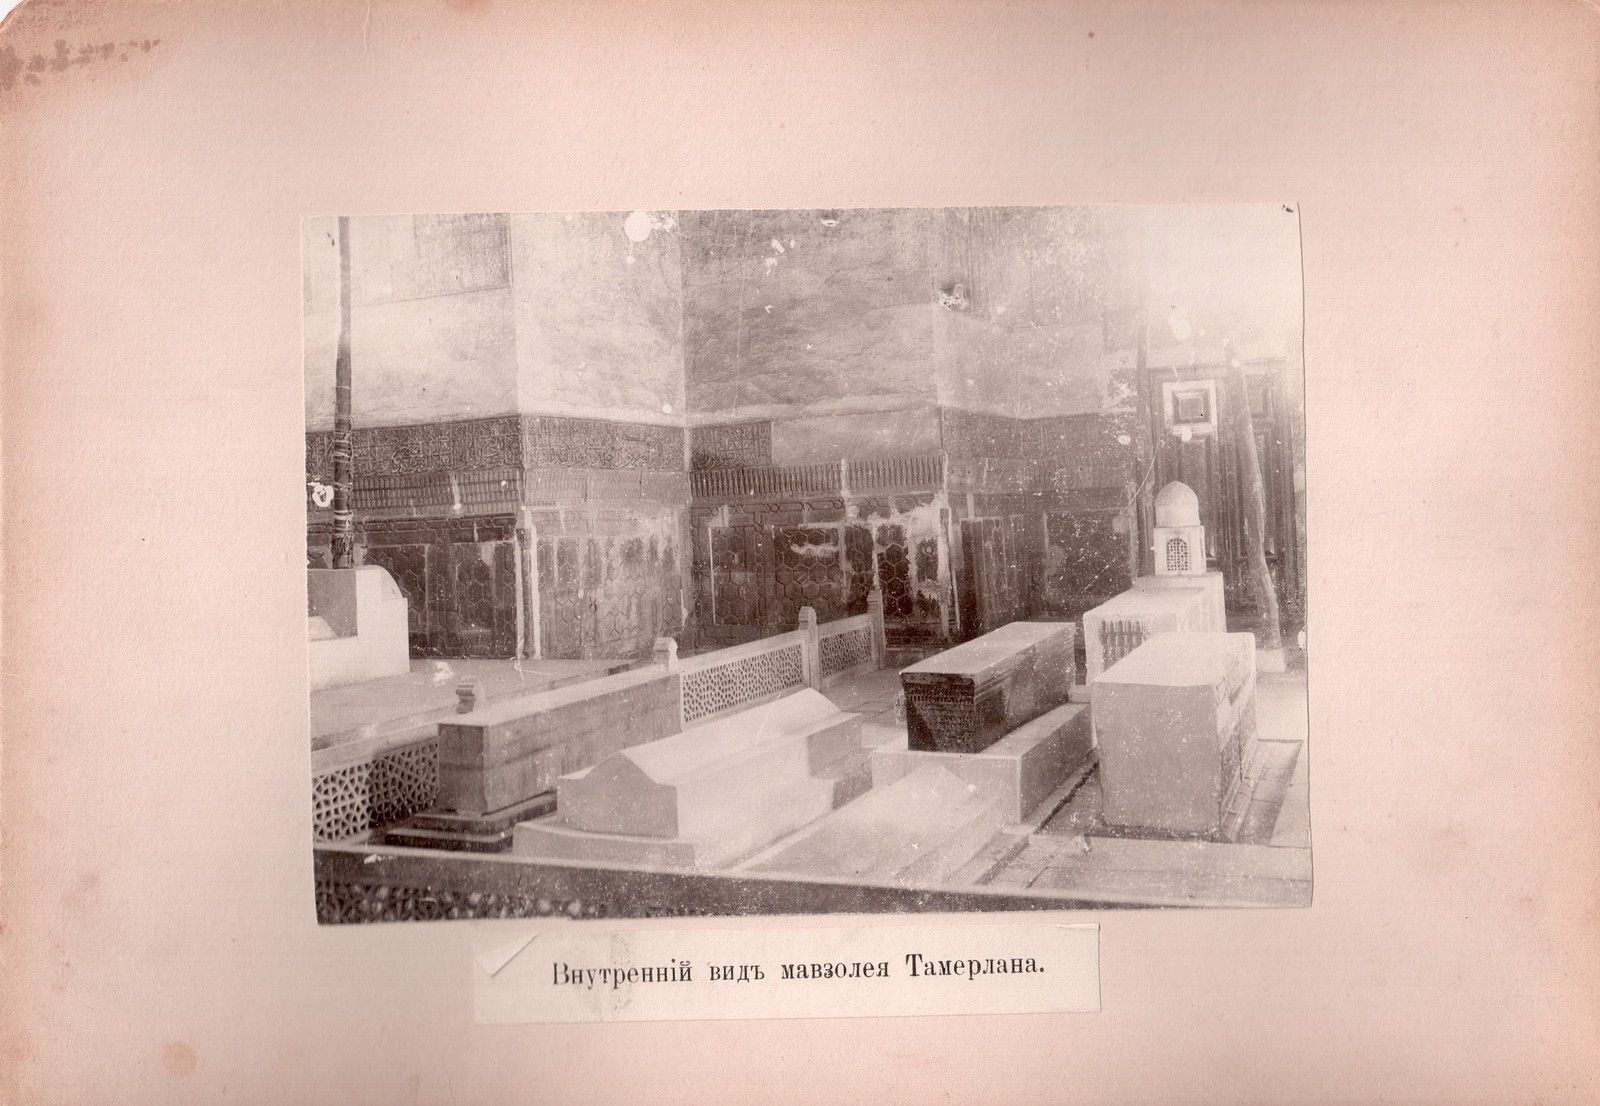 Внутренний вид мавзолея Тамерлана